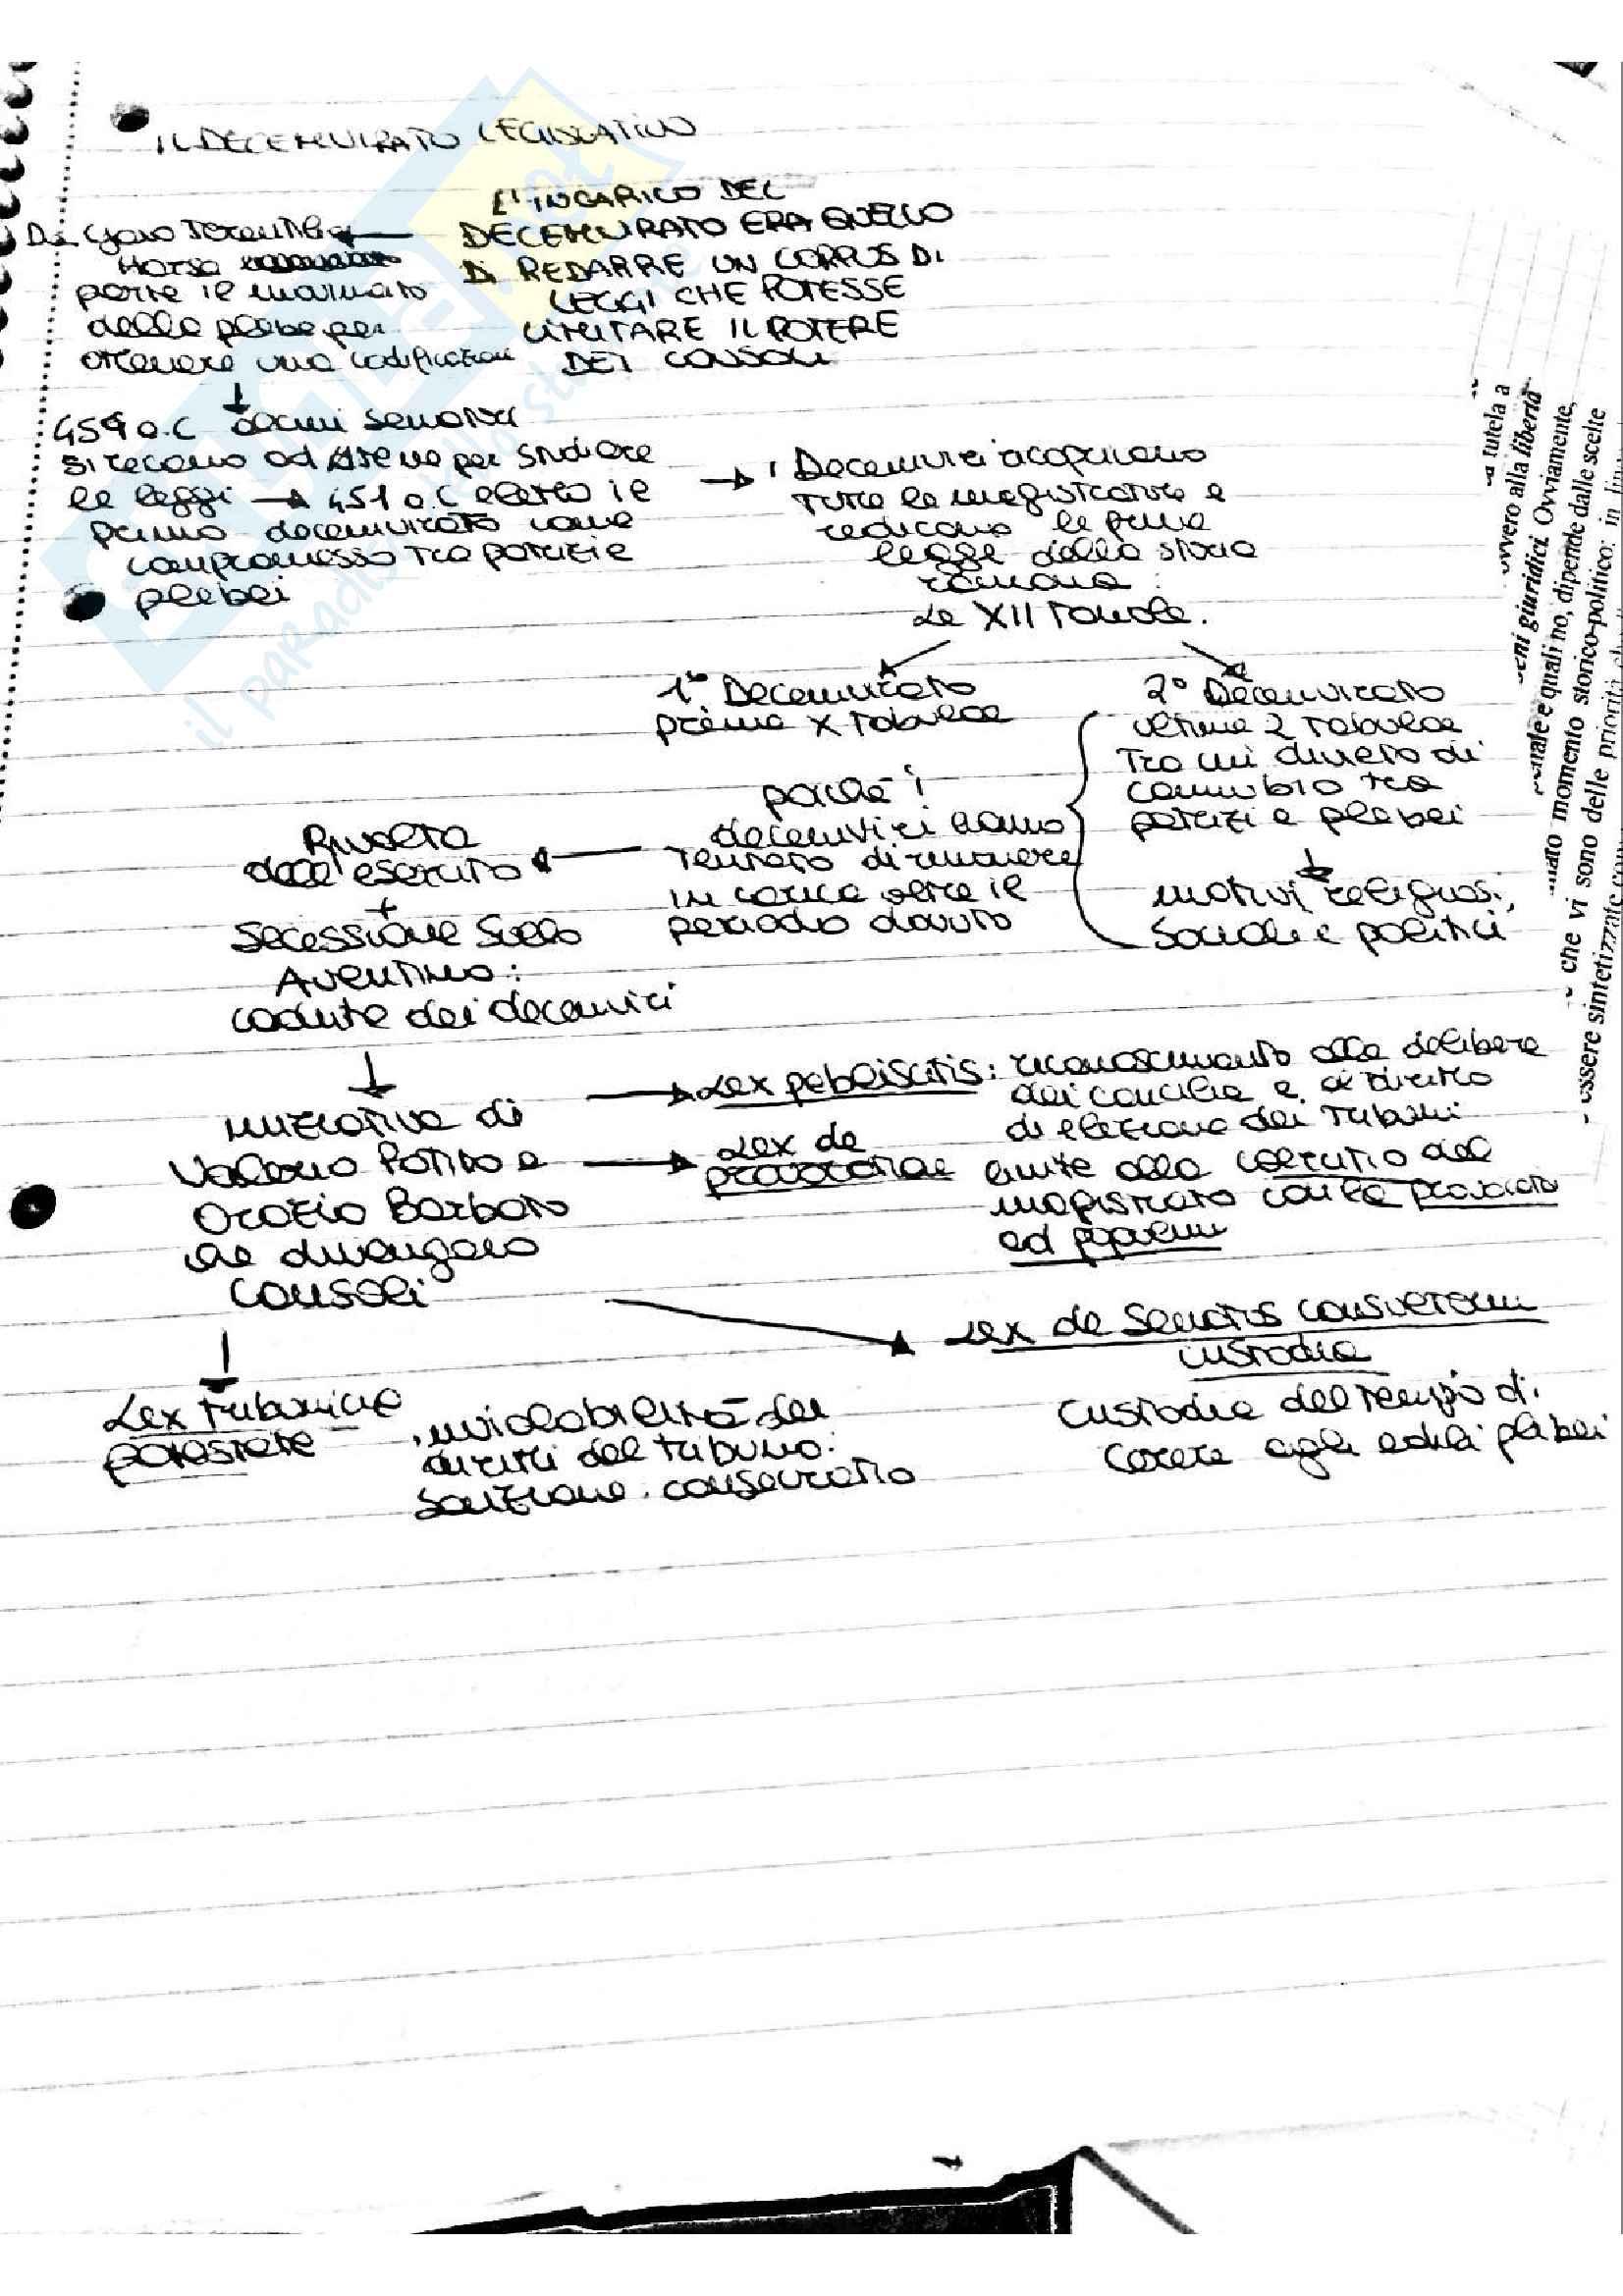 Appunti a mano di storia del diritto romano Pag. 41